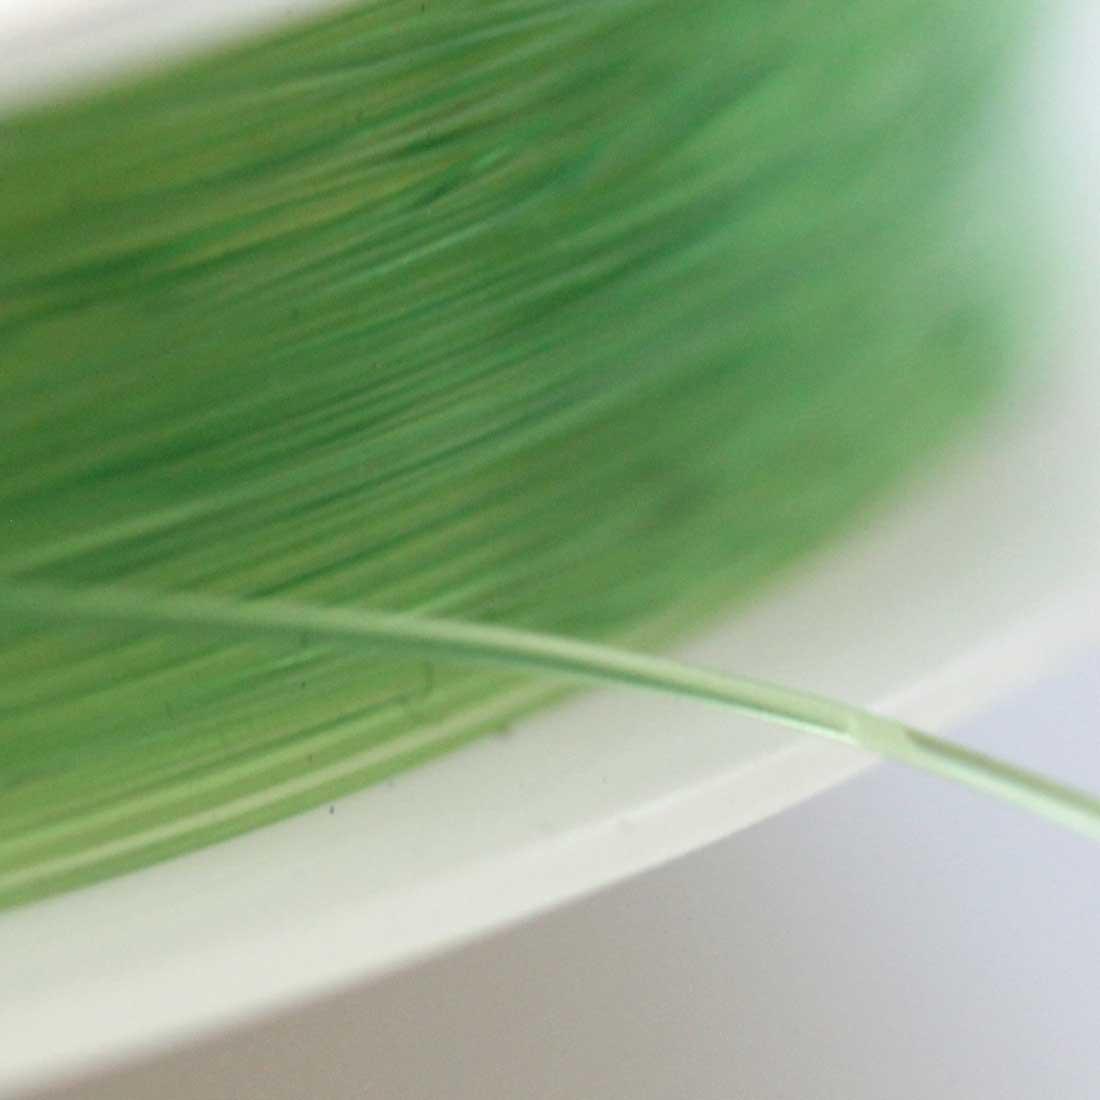 ブレスレット用 オペロンゴム 【0.5mm/12M】【グリーン】sgy-1203g【メール便可】(ブレスレット用ゴム ゴム紐 ゴムひも テグス パワーストーン 天然石 ブレスレット 水晶の線 緑 緑色)